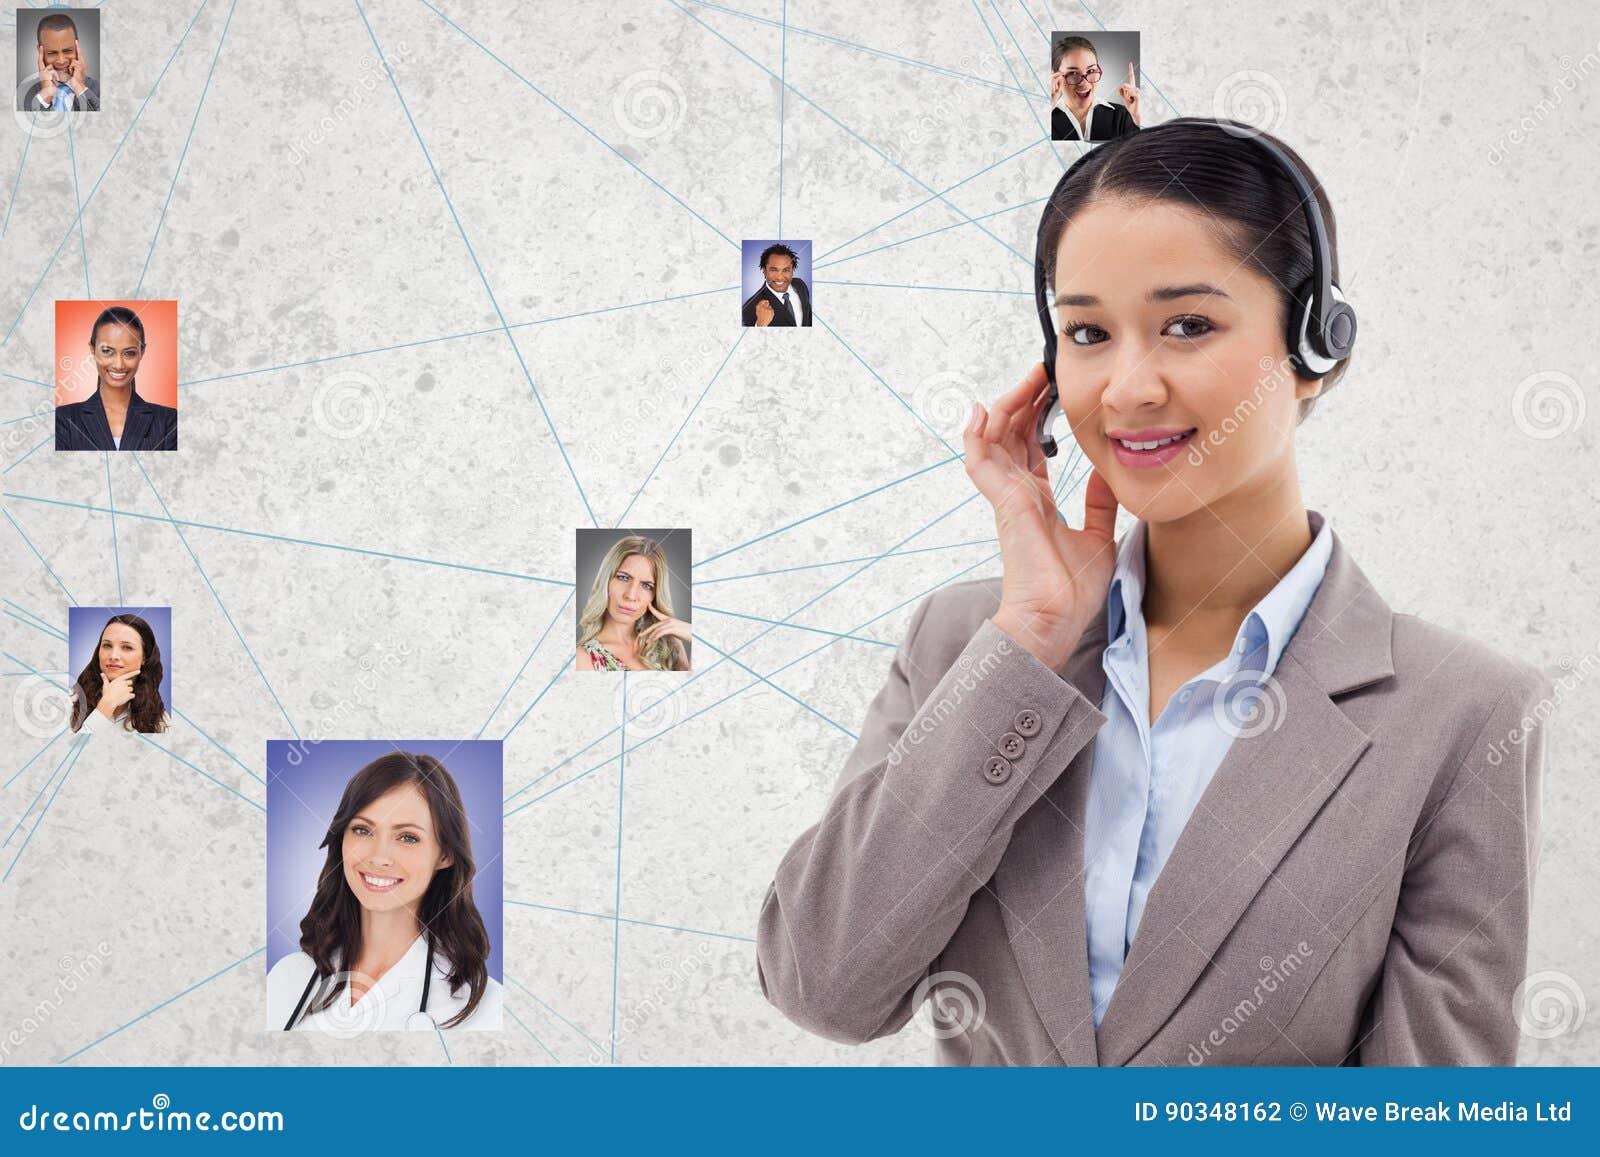 Zeker u die hoofdtelefoons dragen terwijl het selecteren van kandidaten